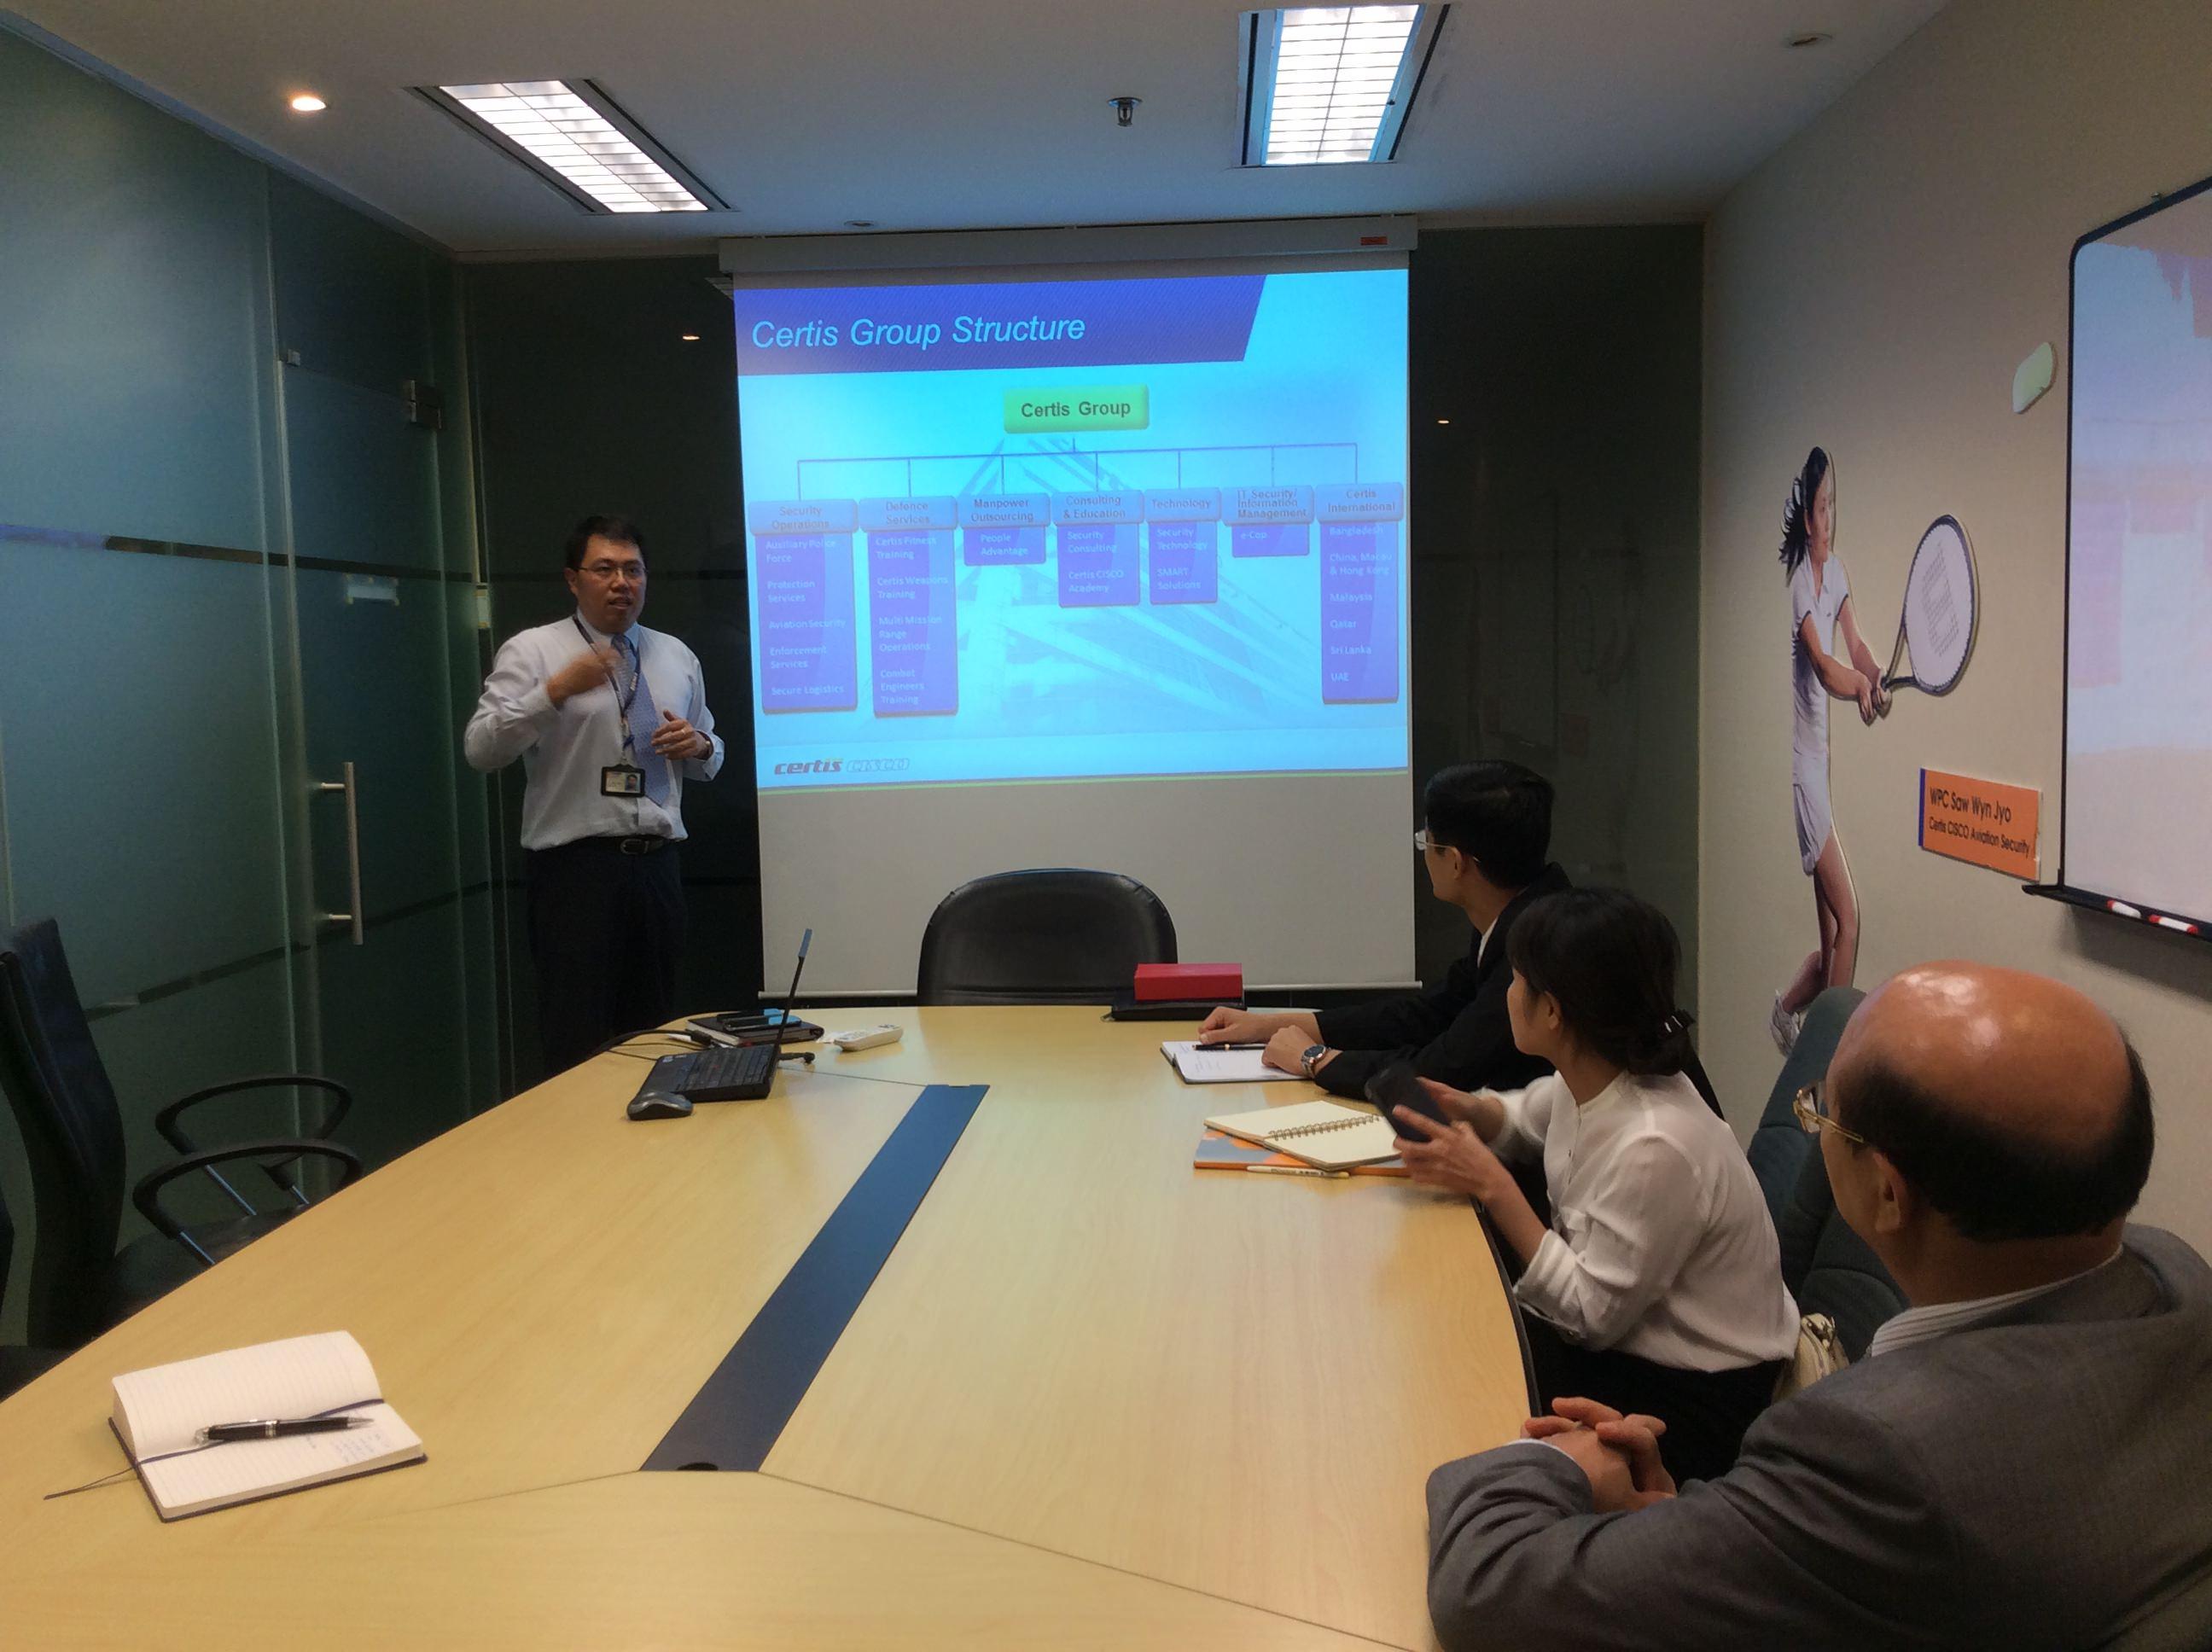 VGSC - Công ty thành viên của NIBELC- thăm và làm việc với Tập đoàn Certis Cisco Singapore